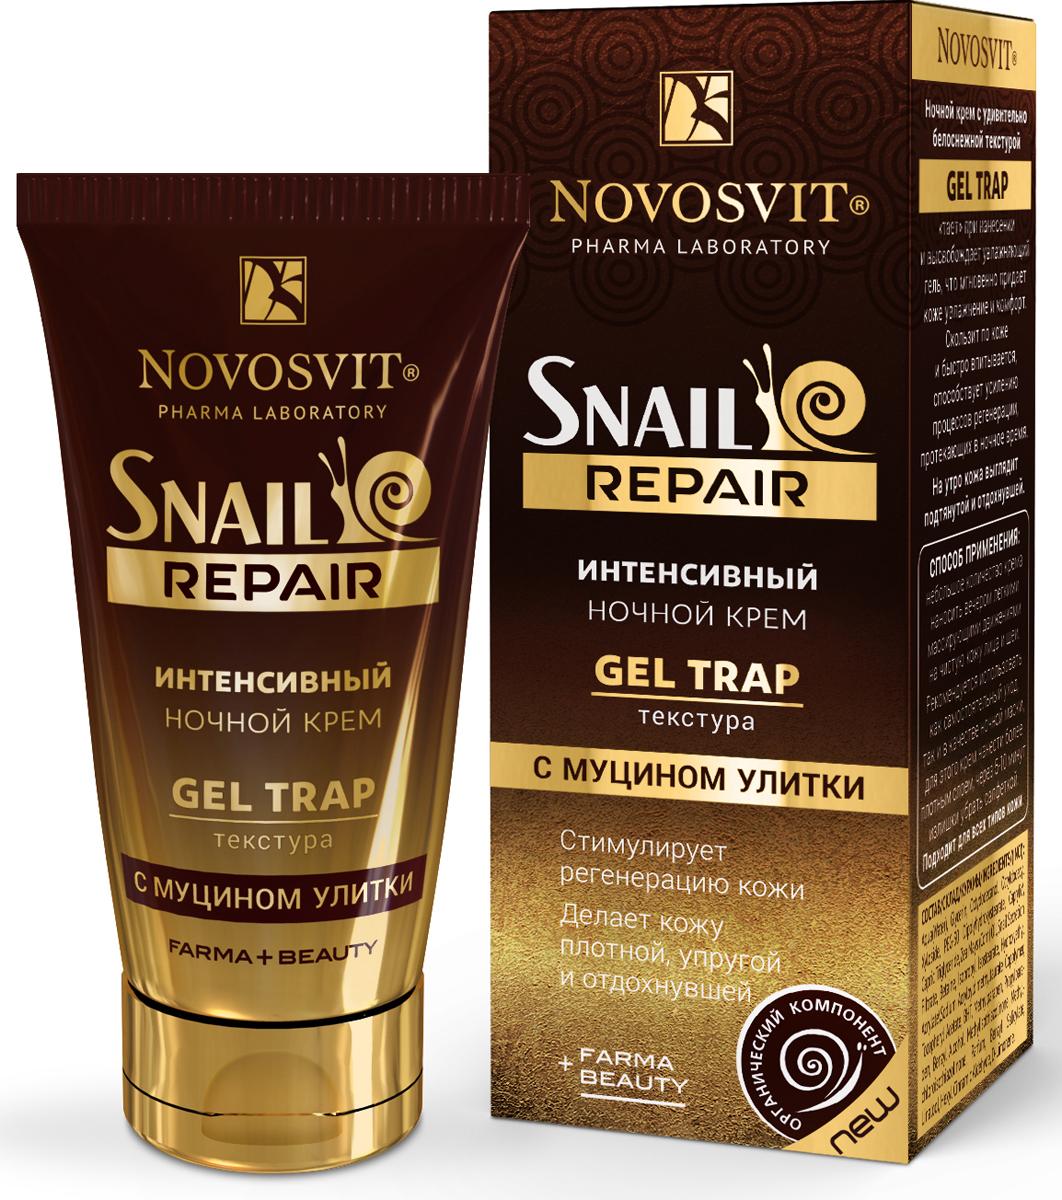 Крем для ухода за кожей Novosvit Интенсивный ночной крем gel trap с муцином улитки, 50 мл Novosvit